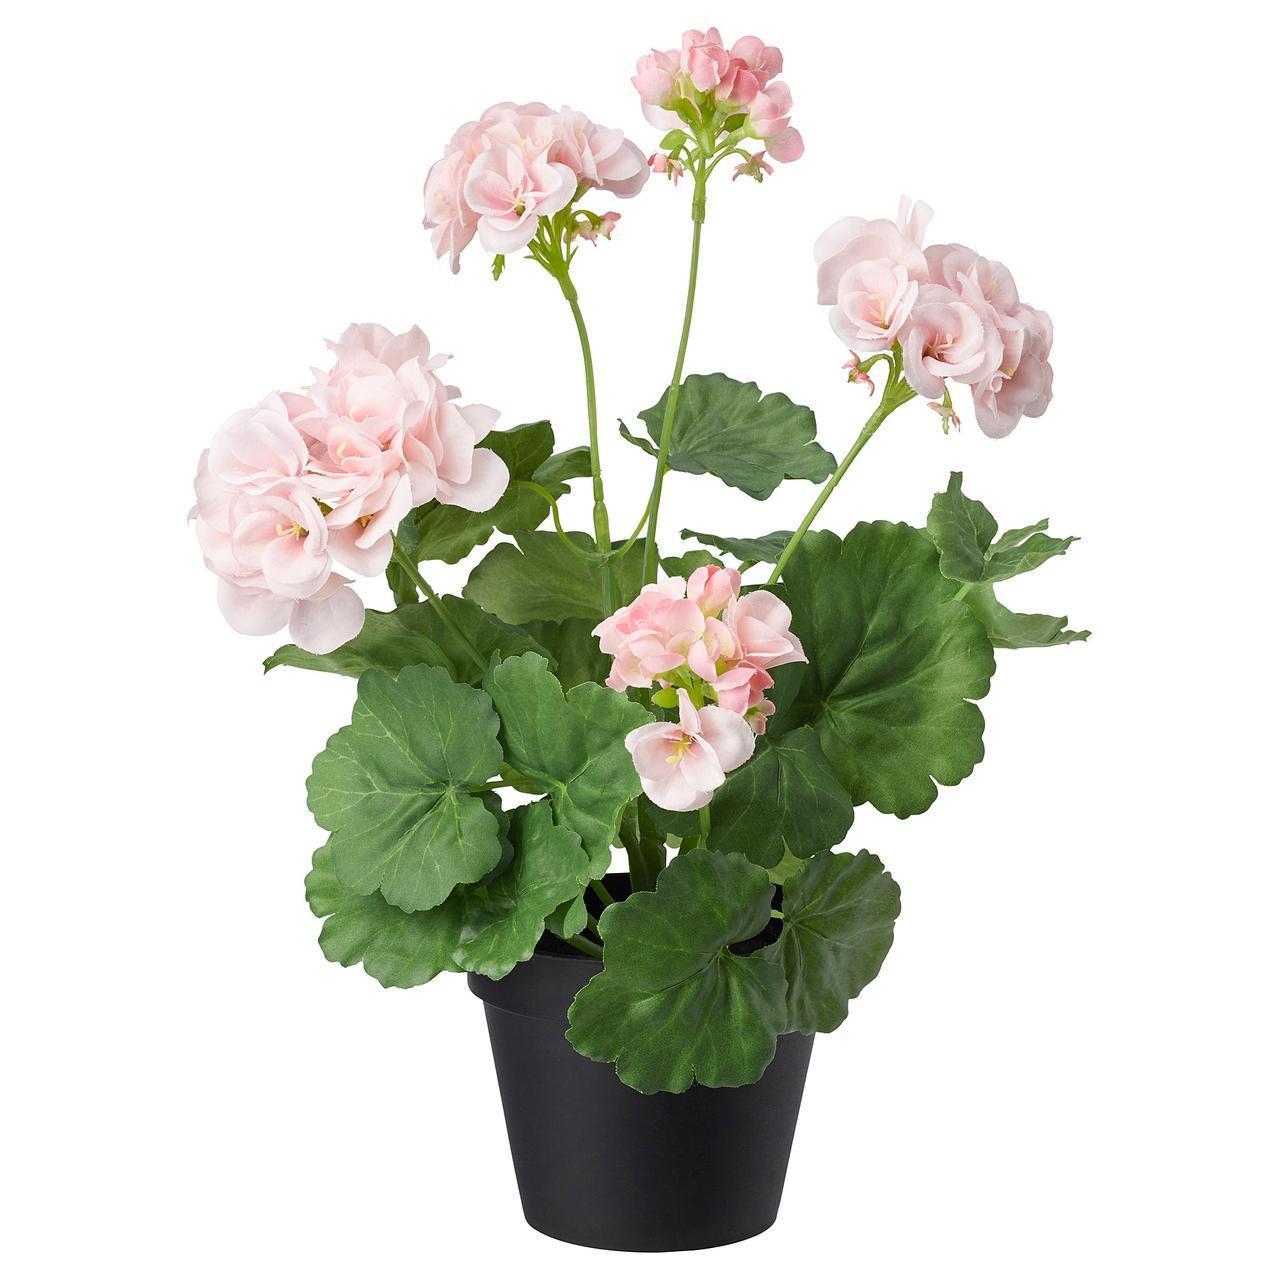 Искусственное растение в горшке IKEA FEJKA 12 см розовый пеларгоний 703.953.43